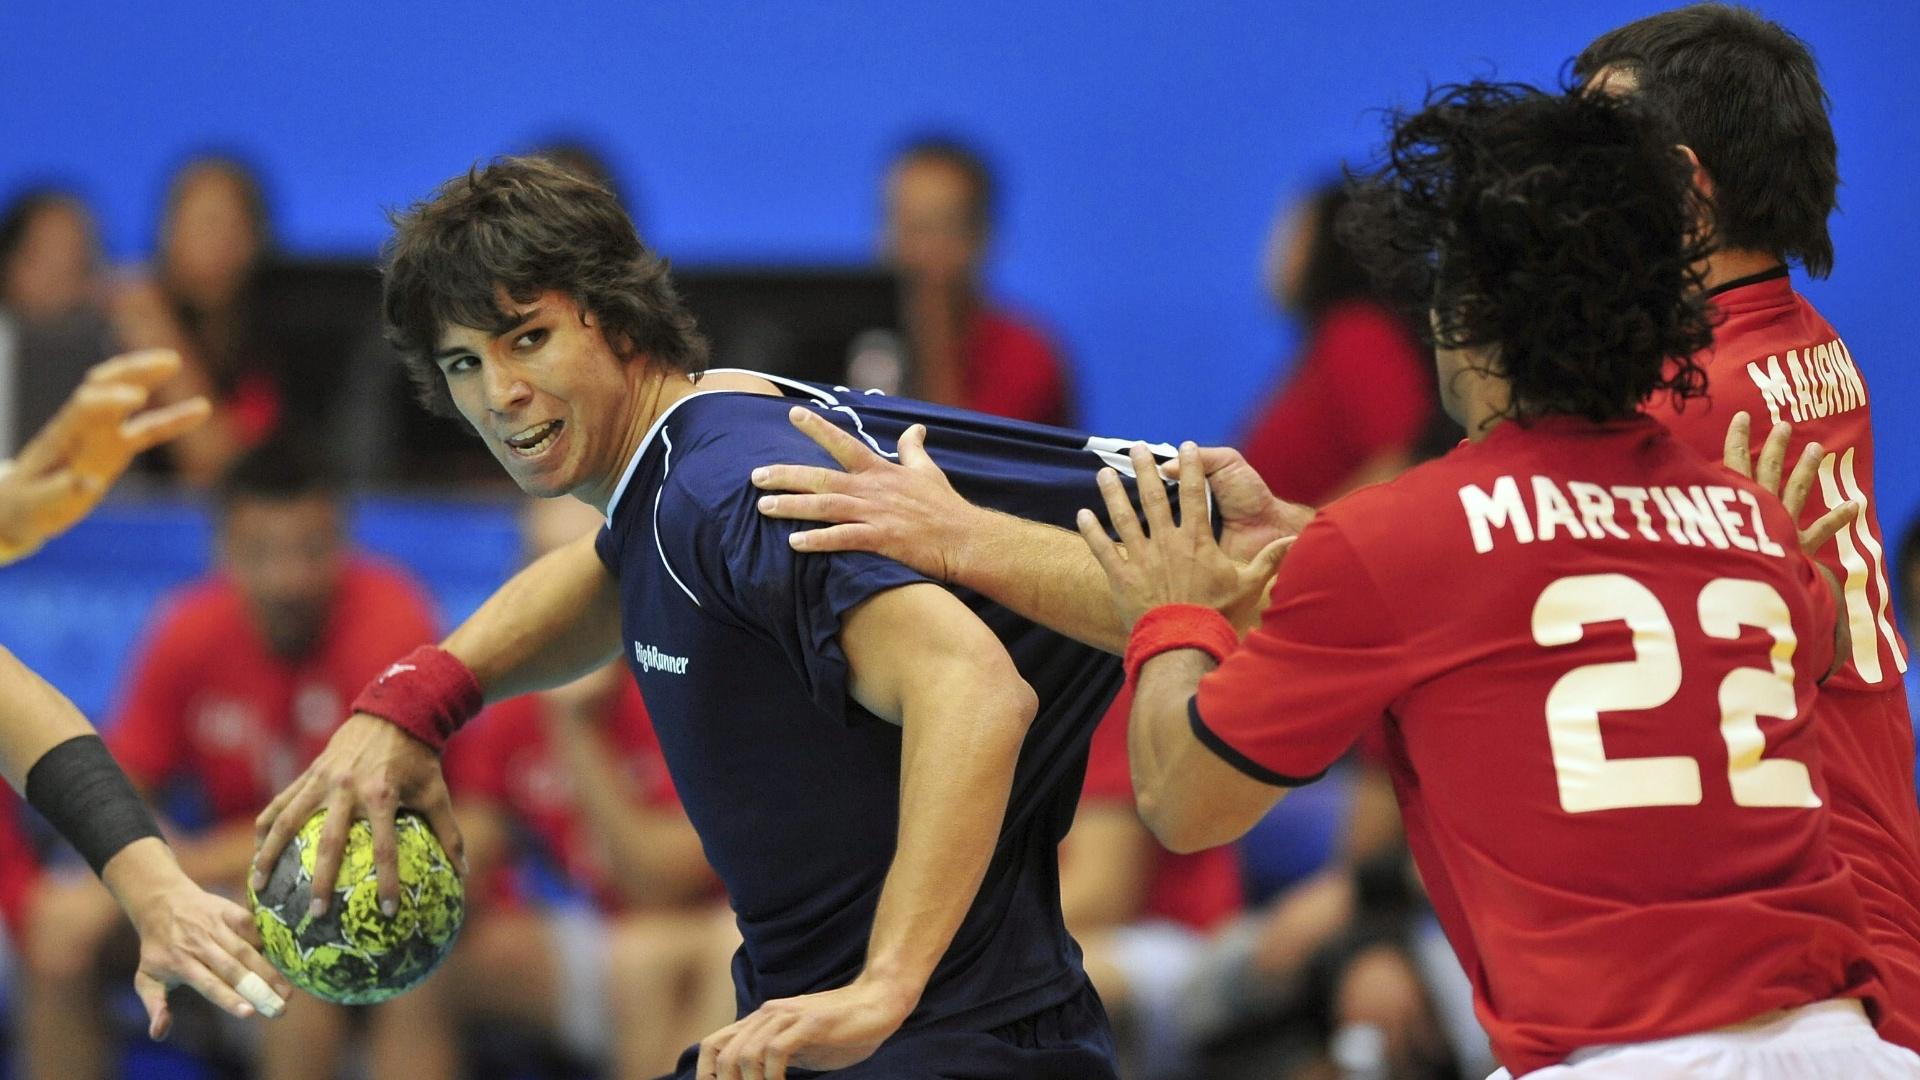 Diego Simonet, da seleção argentina de handebol, tenta se livrar da marcação chilena